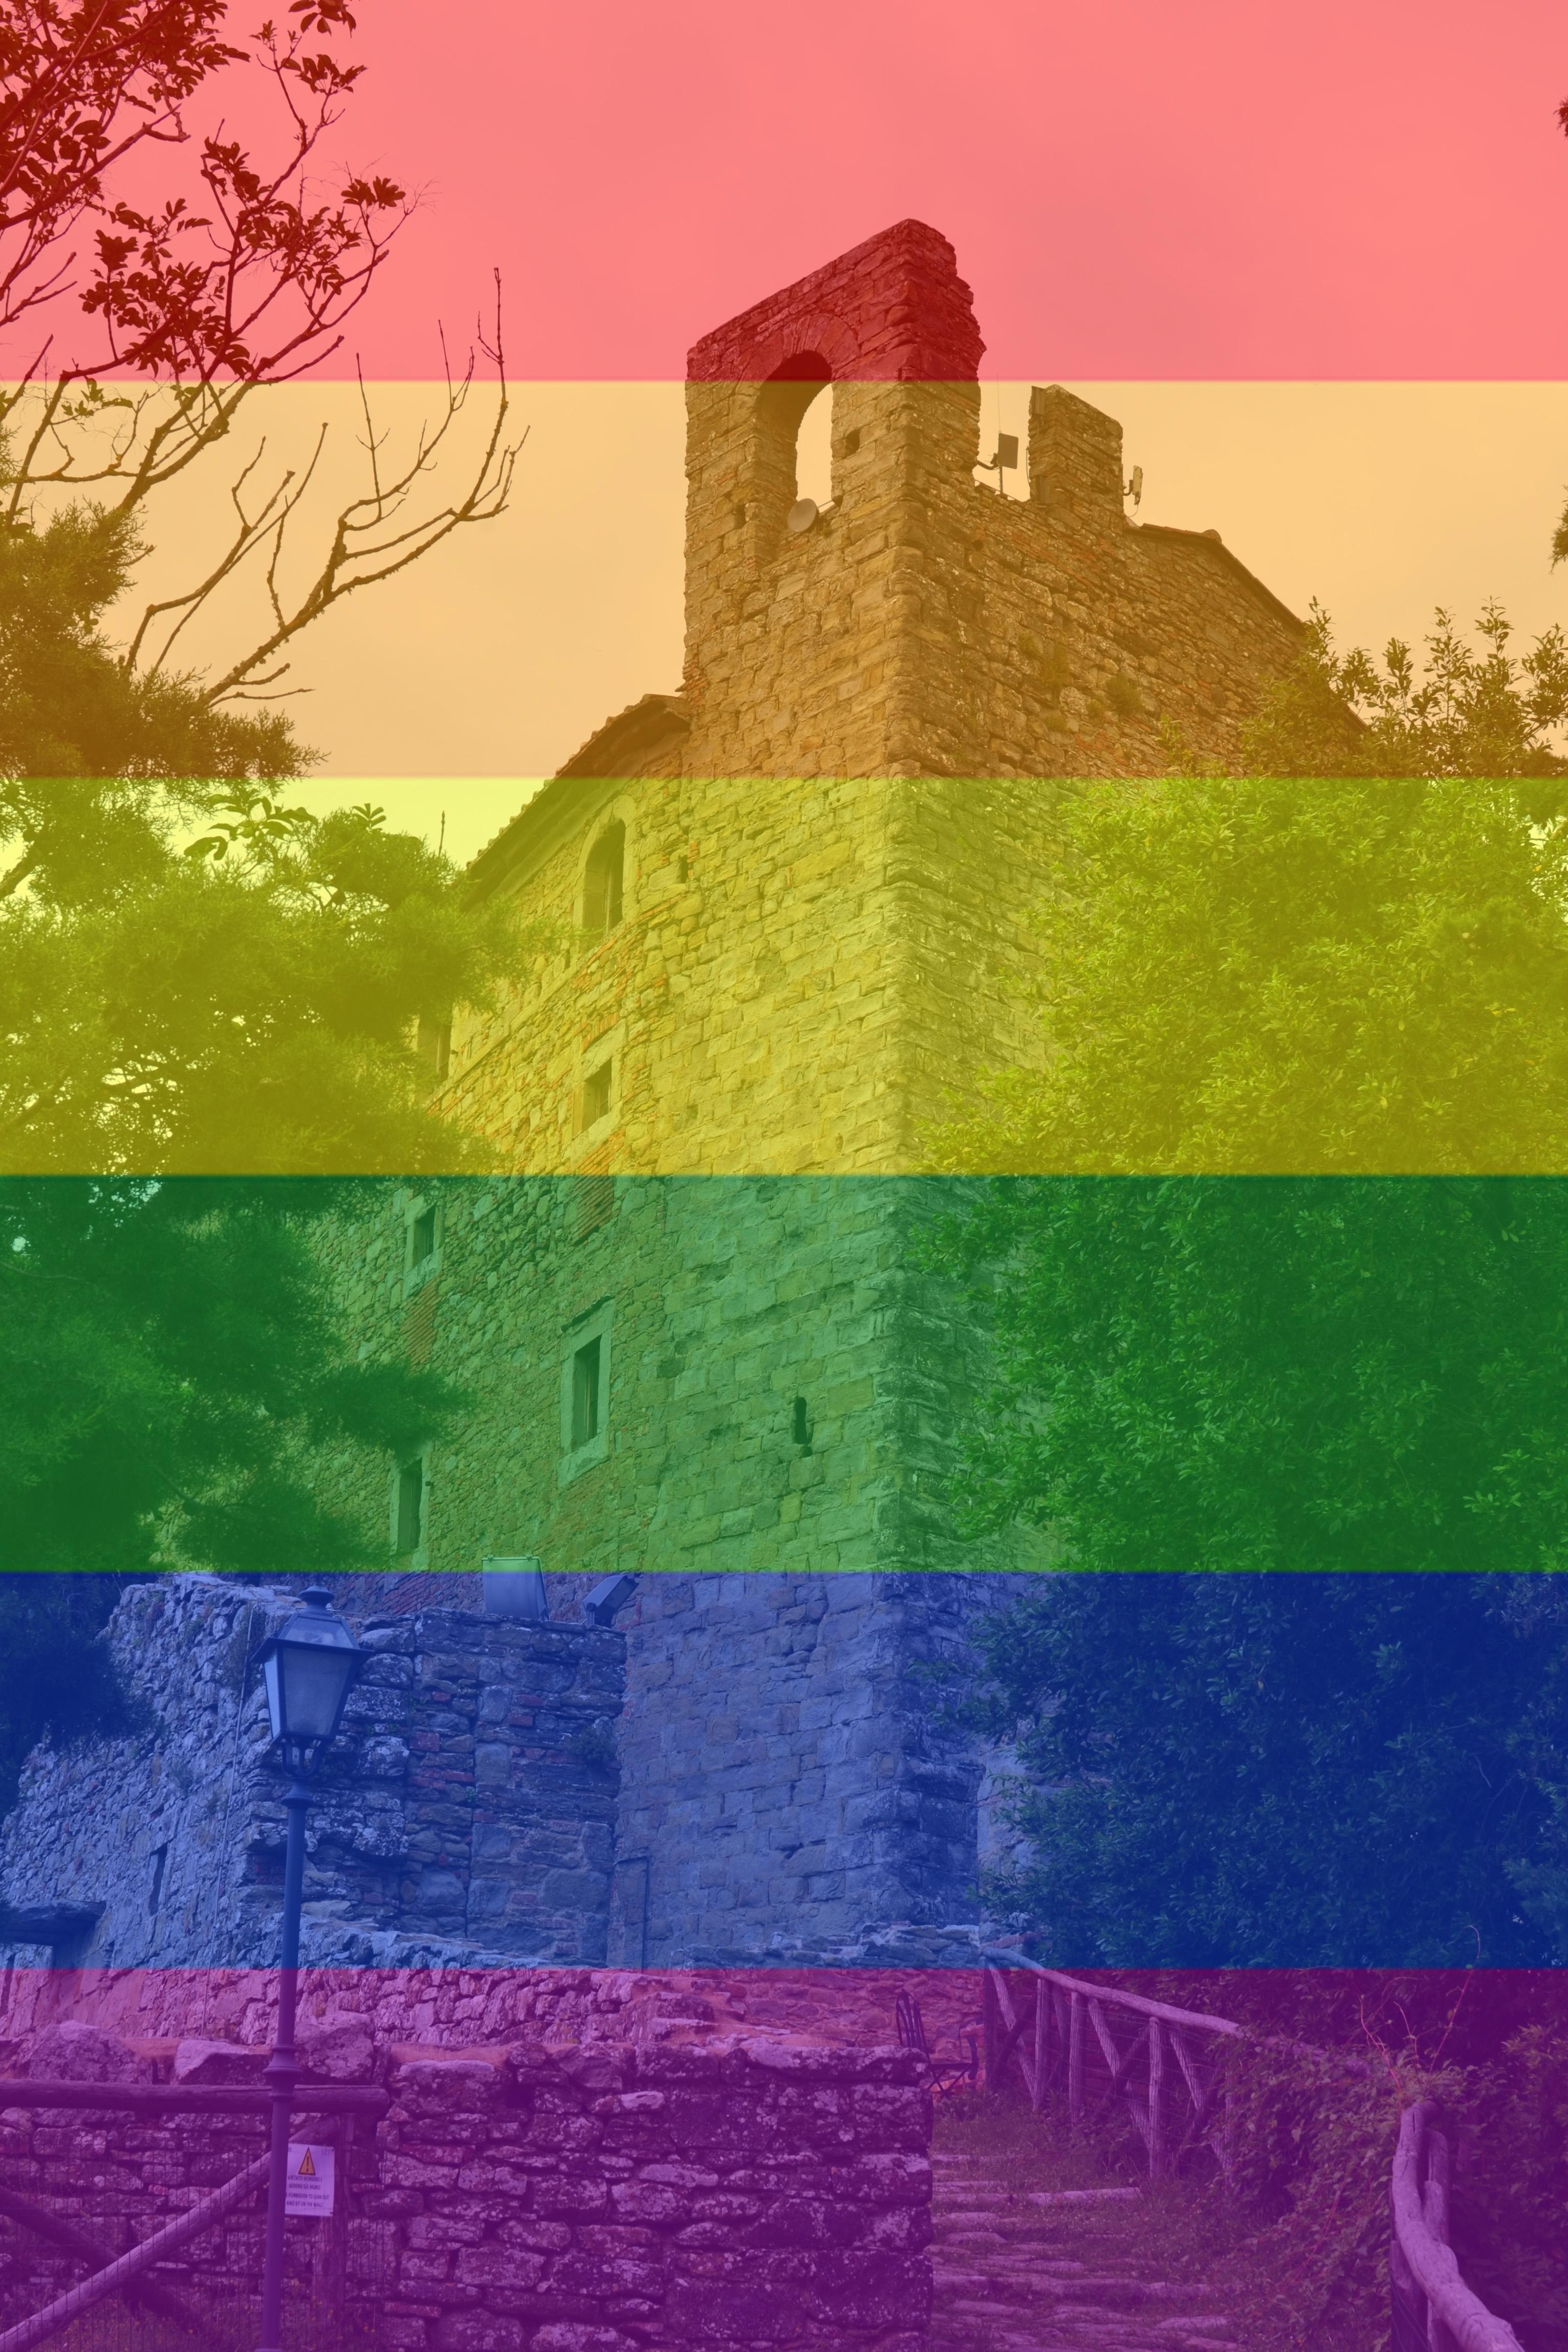 La Fortezza del Girifalco si candida per ospitare la prima unione civile gay in Toscana